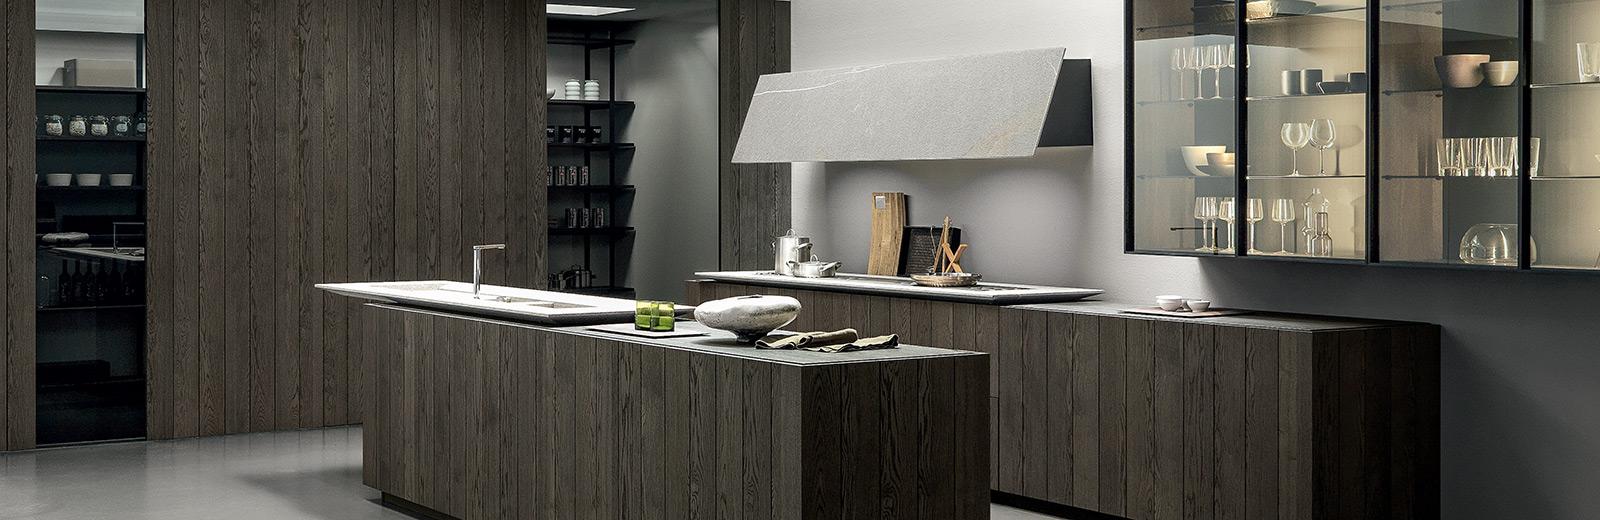 Lo stile Modulnova nelle cucine, bagni e living